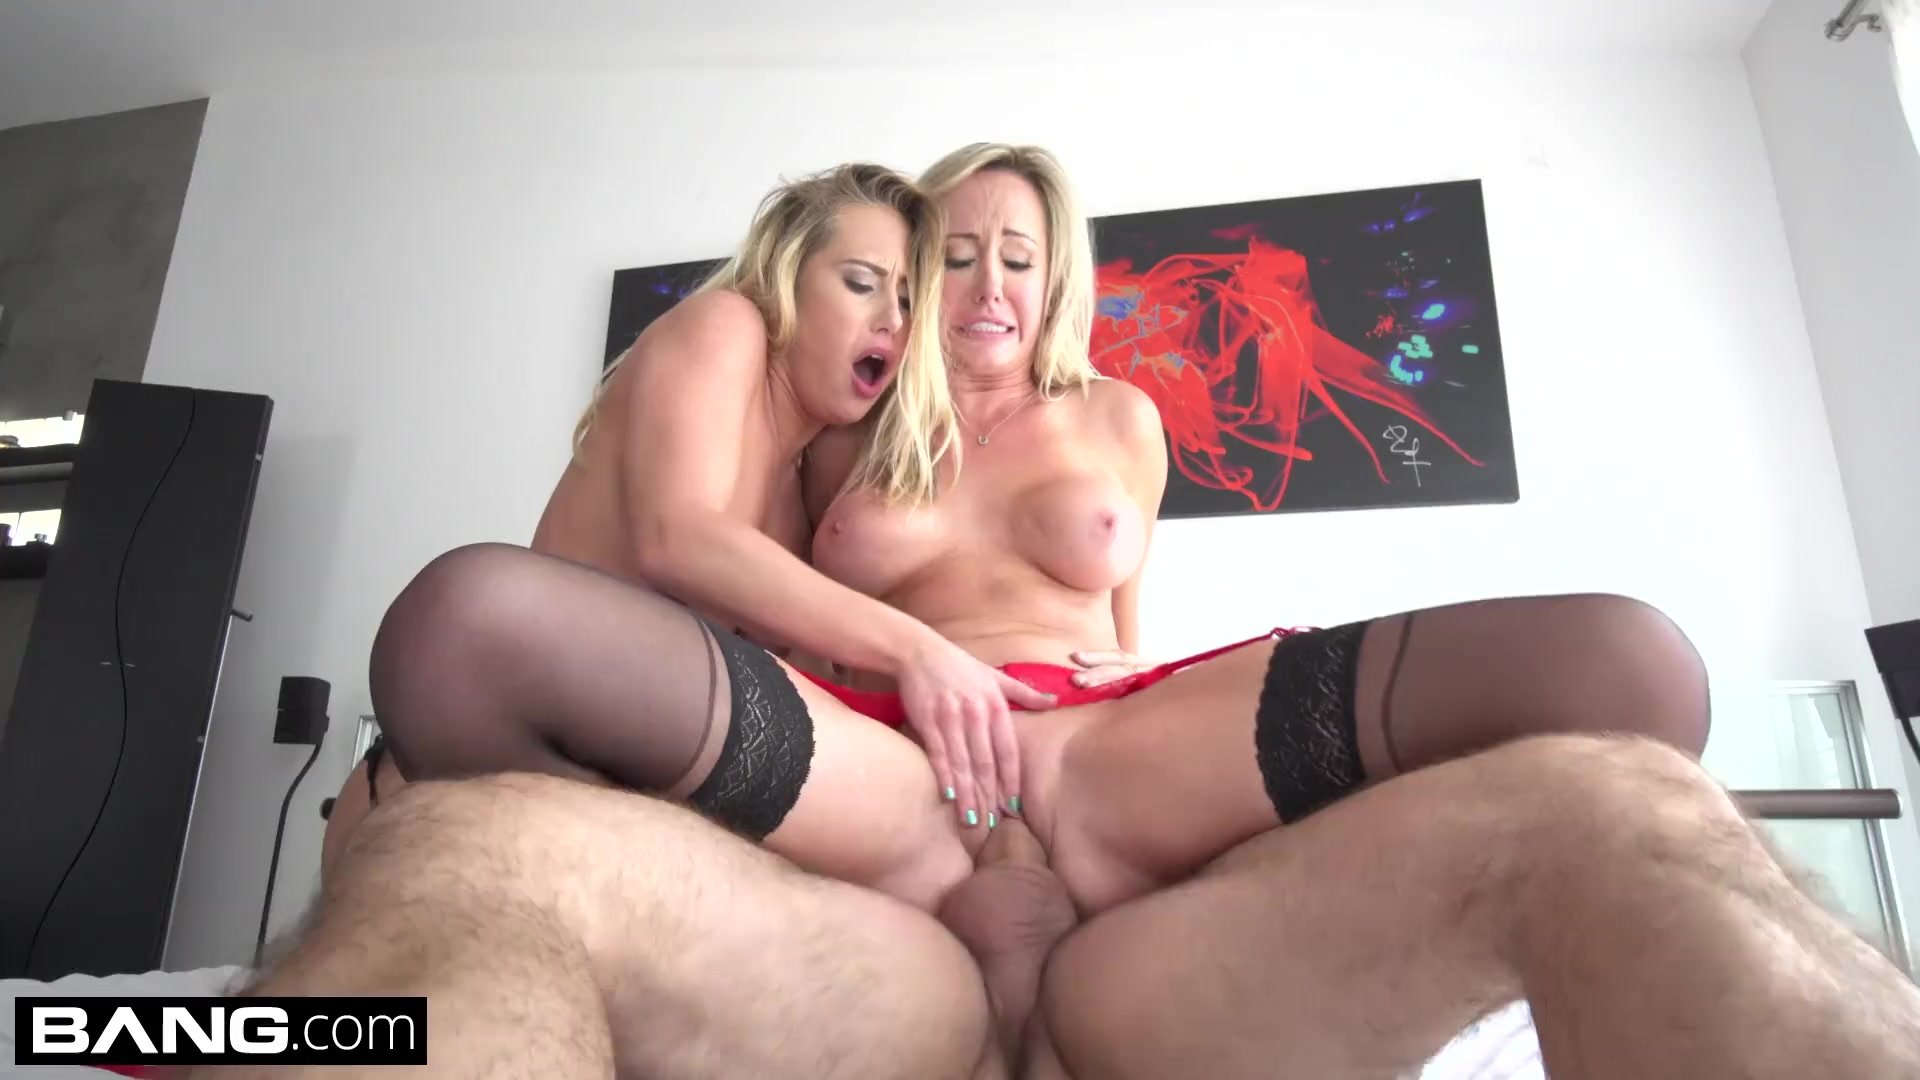 Brett Rossi & Carter Cruise fuck in RAW threesome sex tape